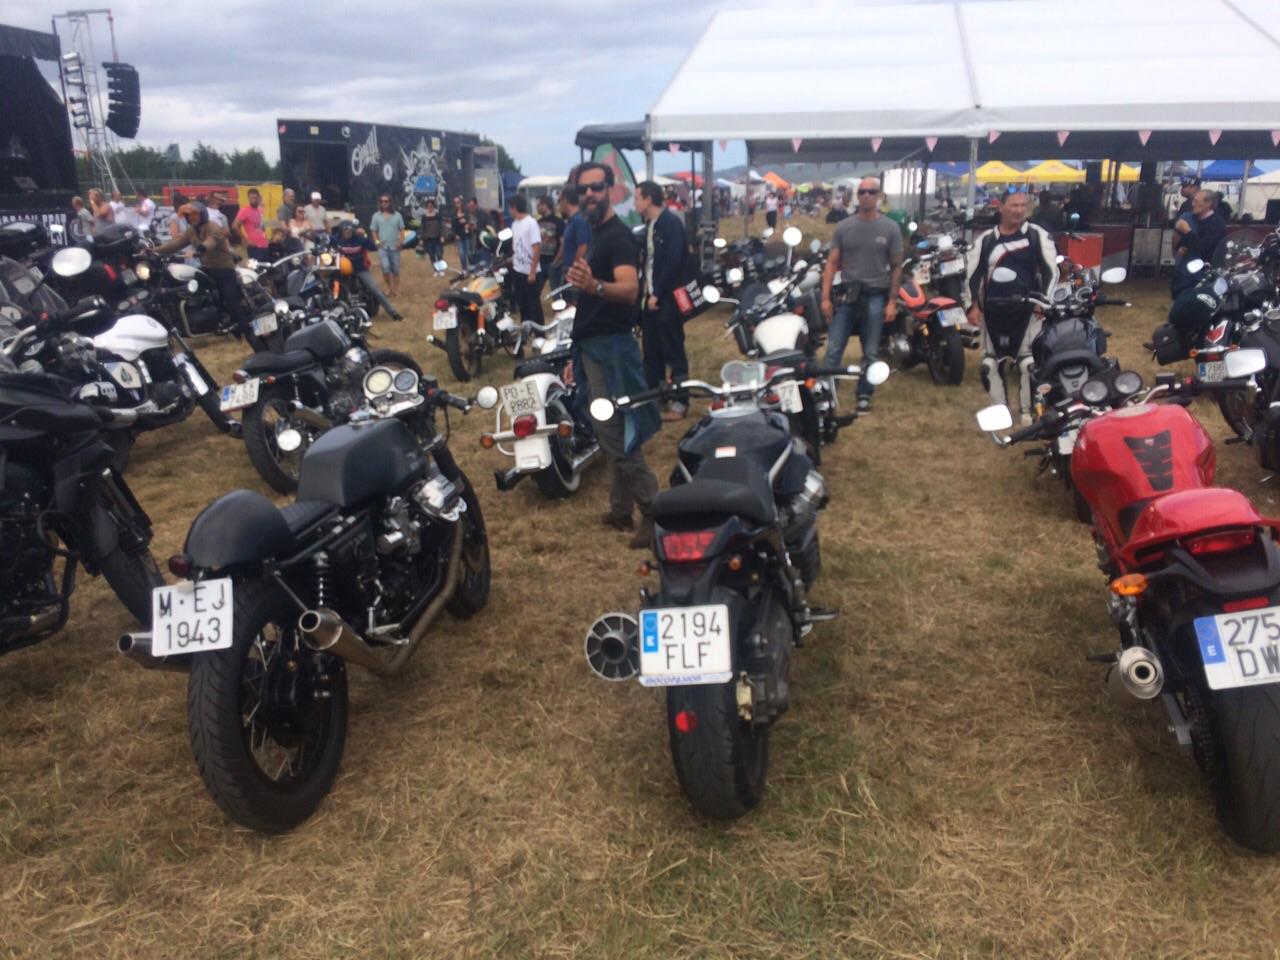 Una barba y unas motos